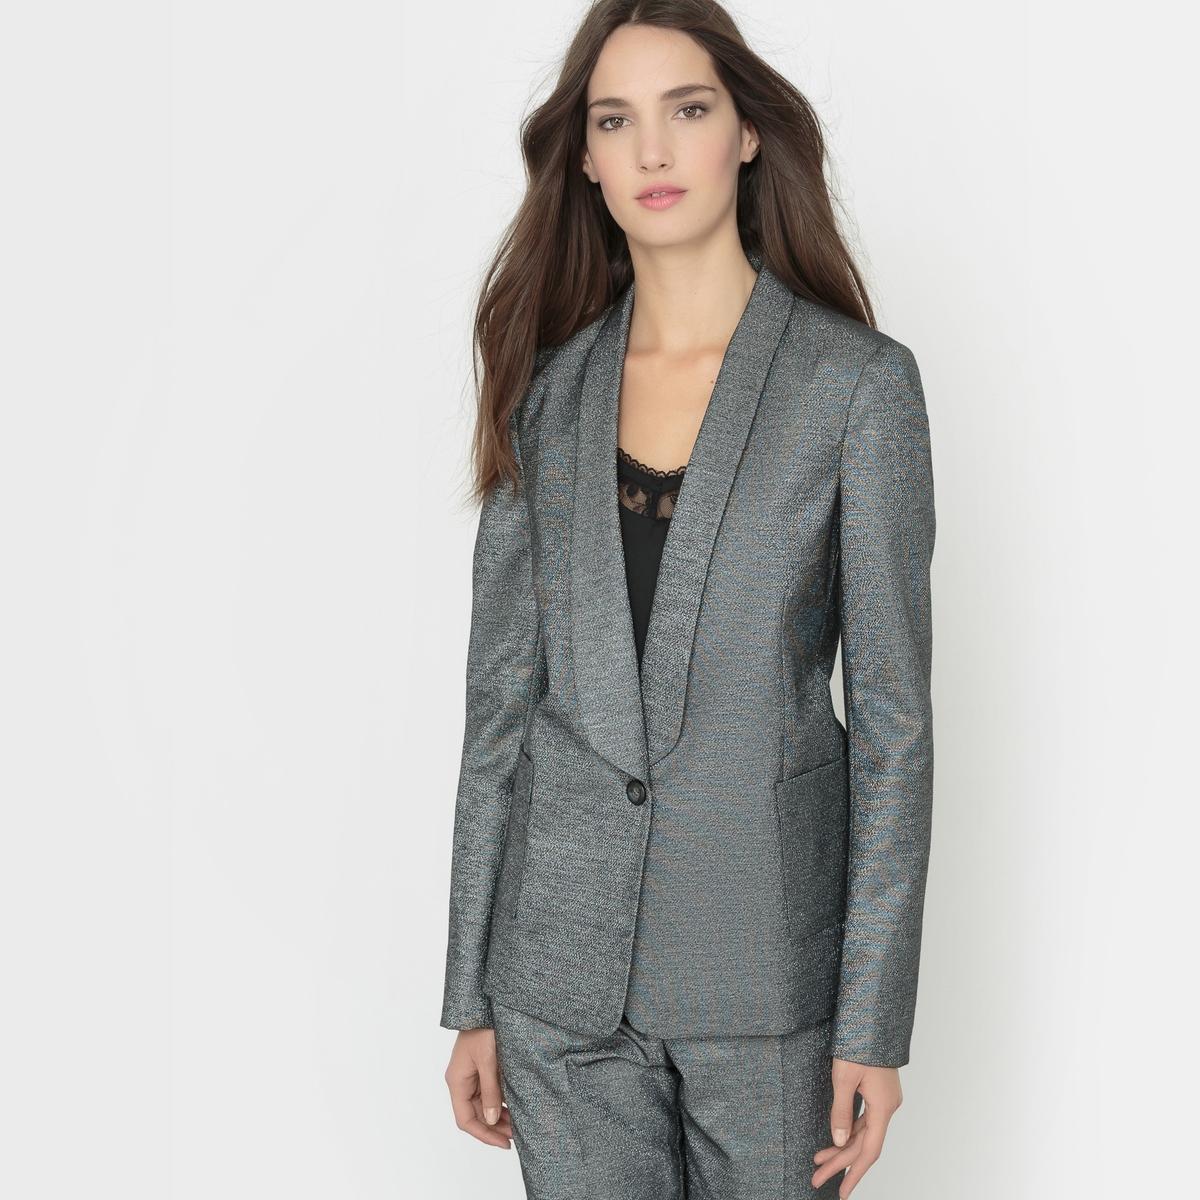 Пиджак костюмный с жаккардовым рисункомПиджак костюмный. Жаккардовый рисунок с волокнами с металлическим блеском. Длинные рукава. Пиджачный воротник. Застежка на 1 пуговицу. 2 кармана. Шлицы на рукавах с застежкой на пуговицы. Состав и описаниеМатериал : Пиджак 42% полиэстера, 42% хлопка, 13% волокон с металлическим блеском, 3% эластана - Подкладка 100% полиэстерДлина : 66 смМарка : atelier RУходСухая чистка<br><br>Цвет: черный<br>Размер: 50 (FR) - 56 (RUS).38 (FR) - 44 (RUS).48 (FR) - 54 (RUS)